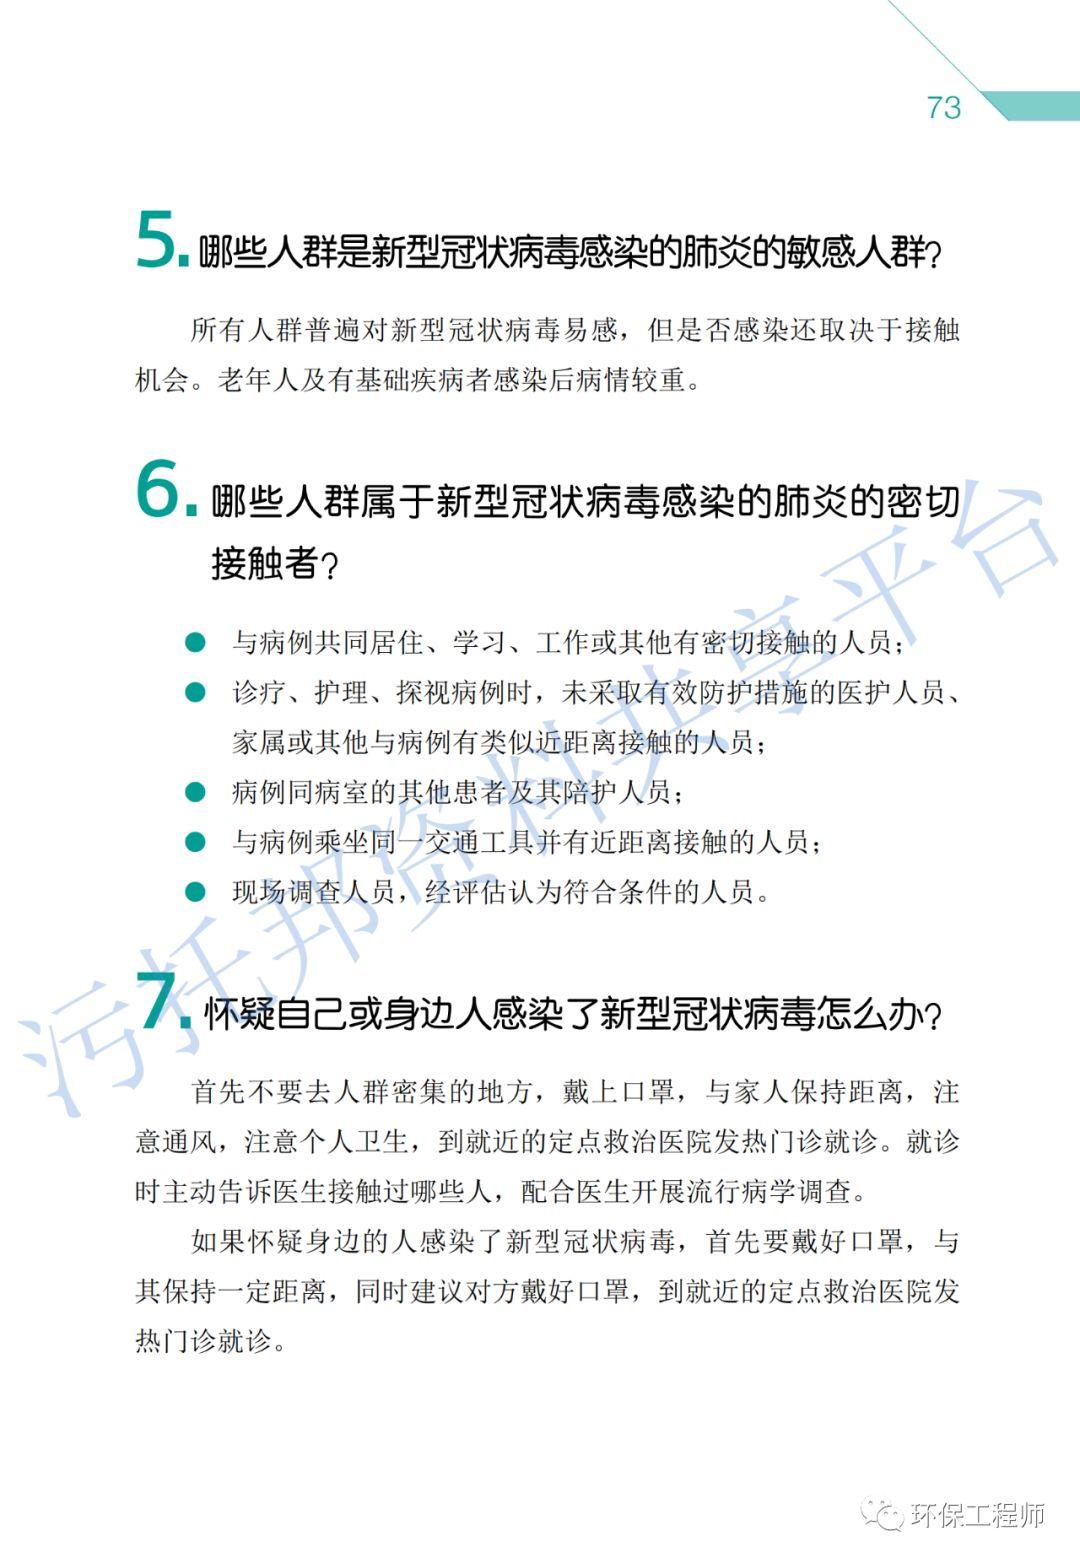 《环保从业人员新型冠状病毒疫情防护手册》_51